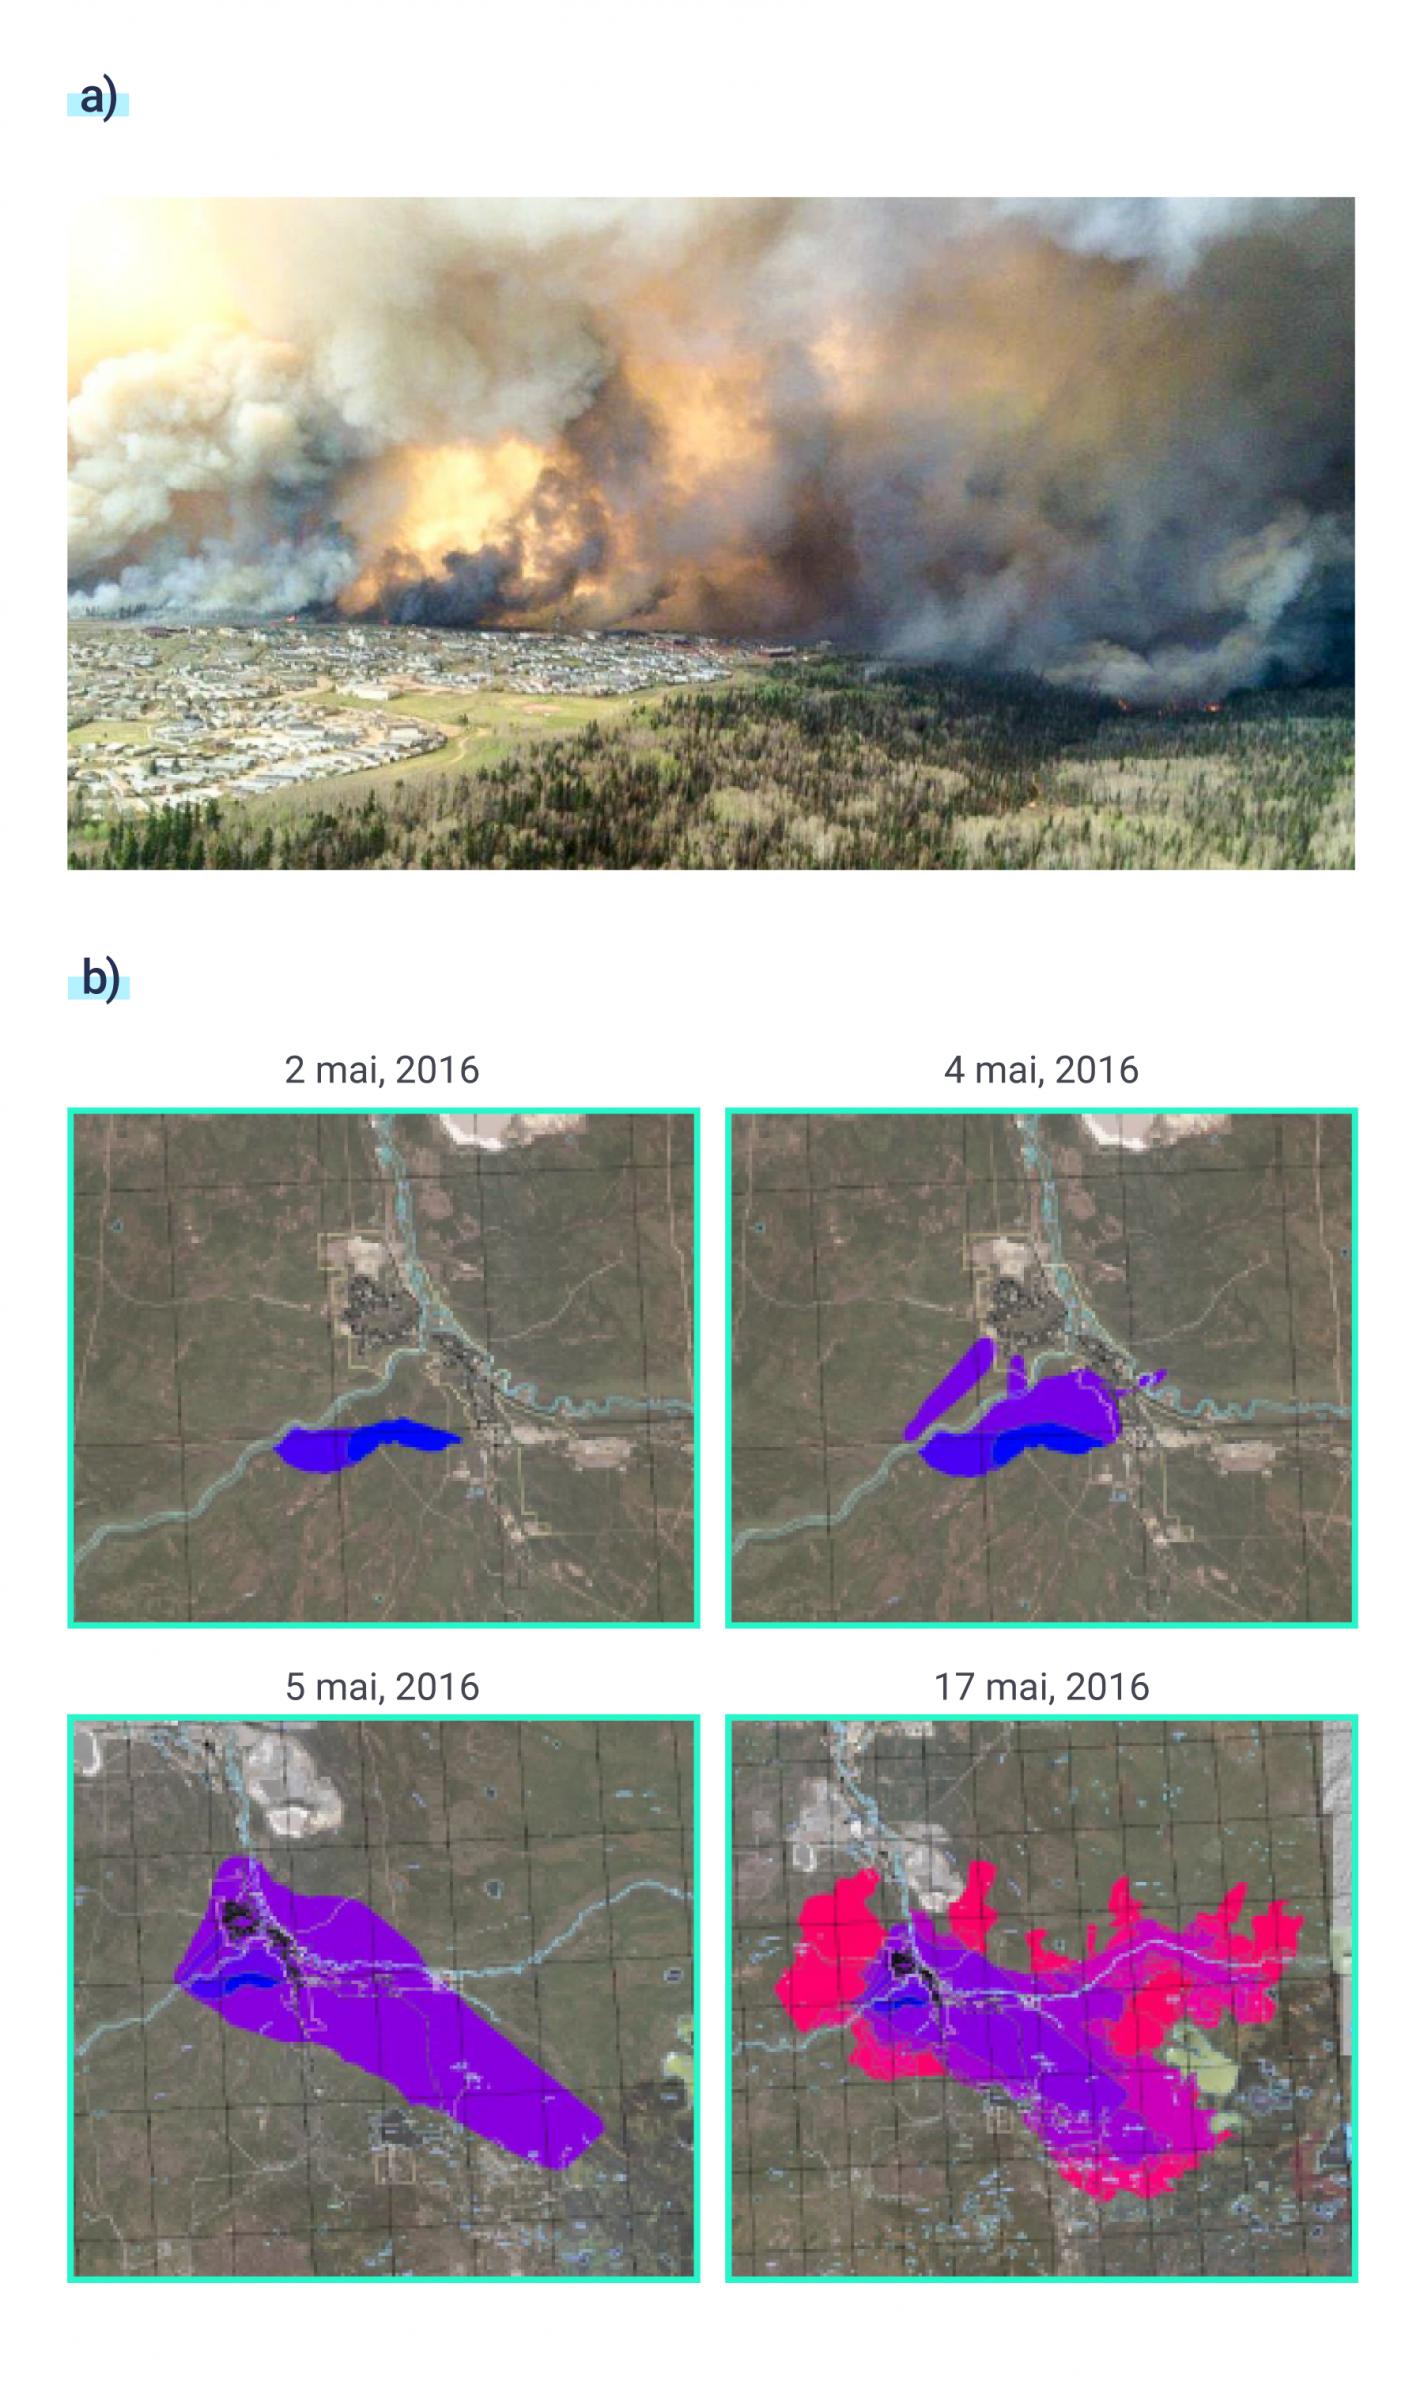 Photographie aérienne montrant des feux de forêt et des nuages de fumée à l'approche de la ville de Fort McMurray pendant le feu de forêt de 2016 à Horse River. Une série de quatre cartes des environs de Fort McMurray montrant la propagation du feu de forêt de Horse River du 2 au 14 mai 2016. Les cartes indiquent que le feu de forêt a pris naissance sous la forme d'un feu localisé au sud-ouest de la ville, puis qu'il s'est propagé vers le nord et l'est, entourant la ville et franchissant plusieurs rivières.